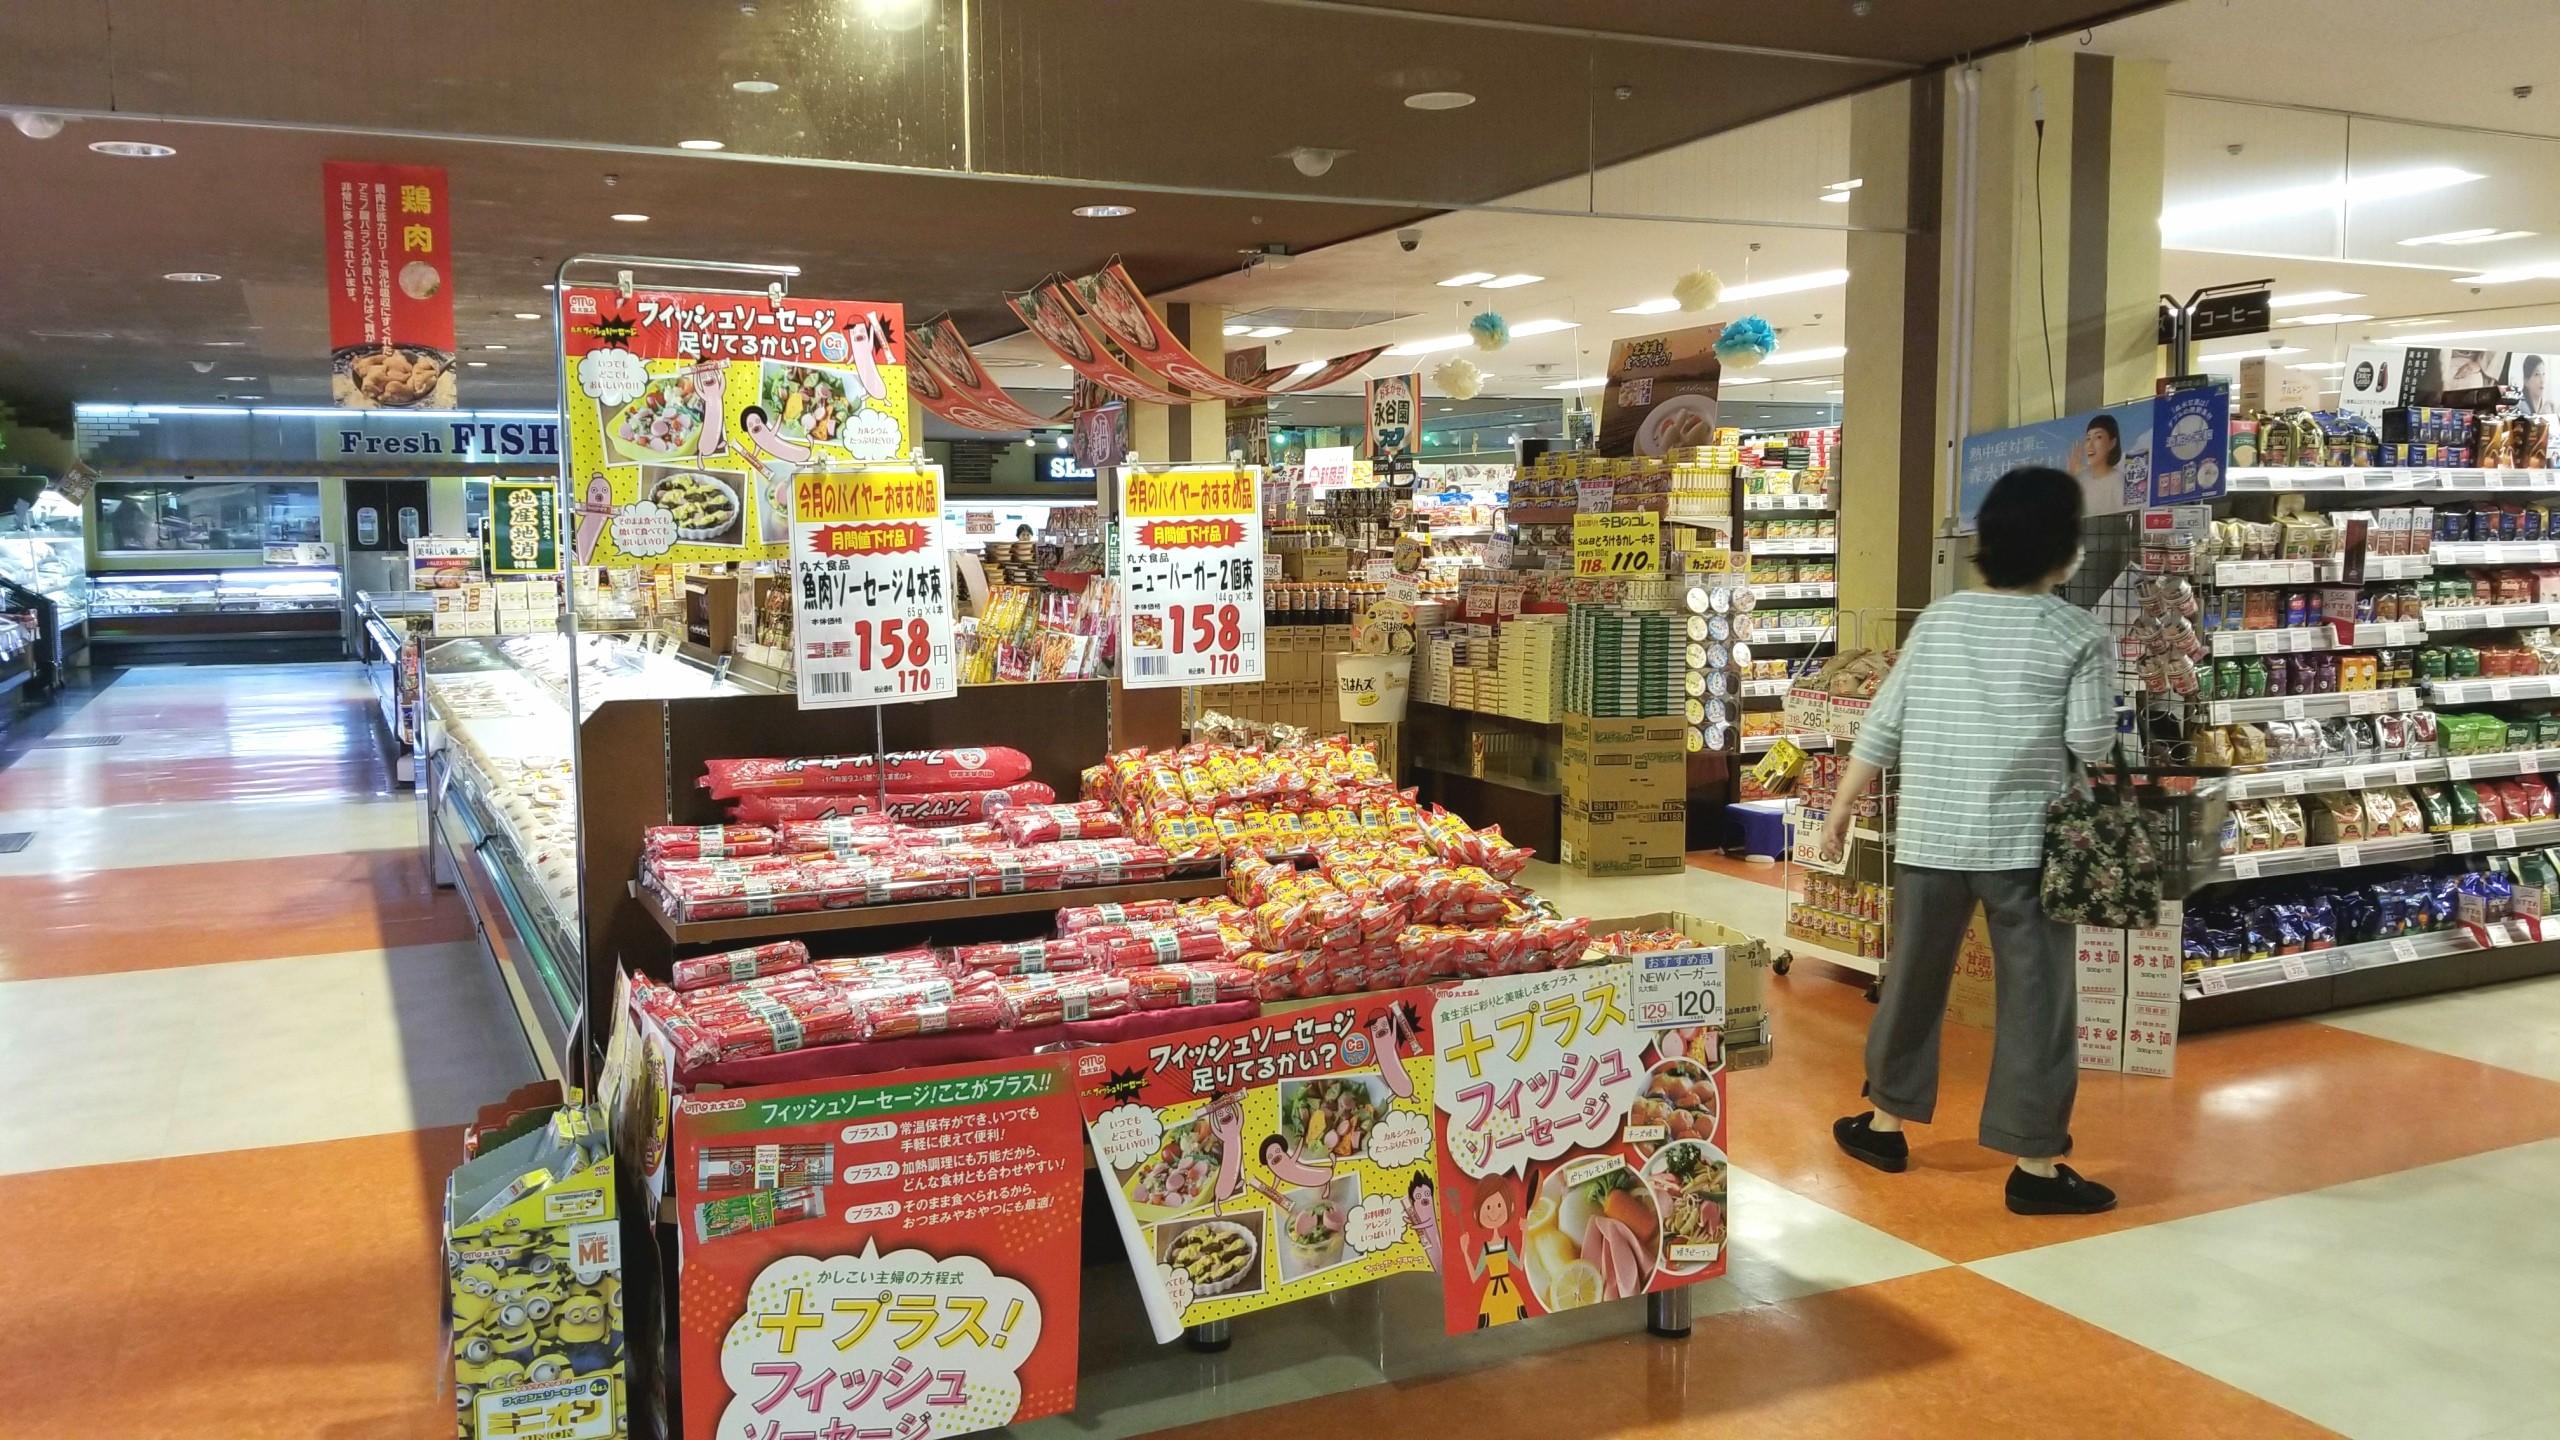 スーパーで買い物,線維筋痛症患者の私生活,独り暮らしの不便さ,痛み